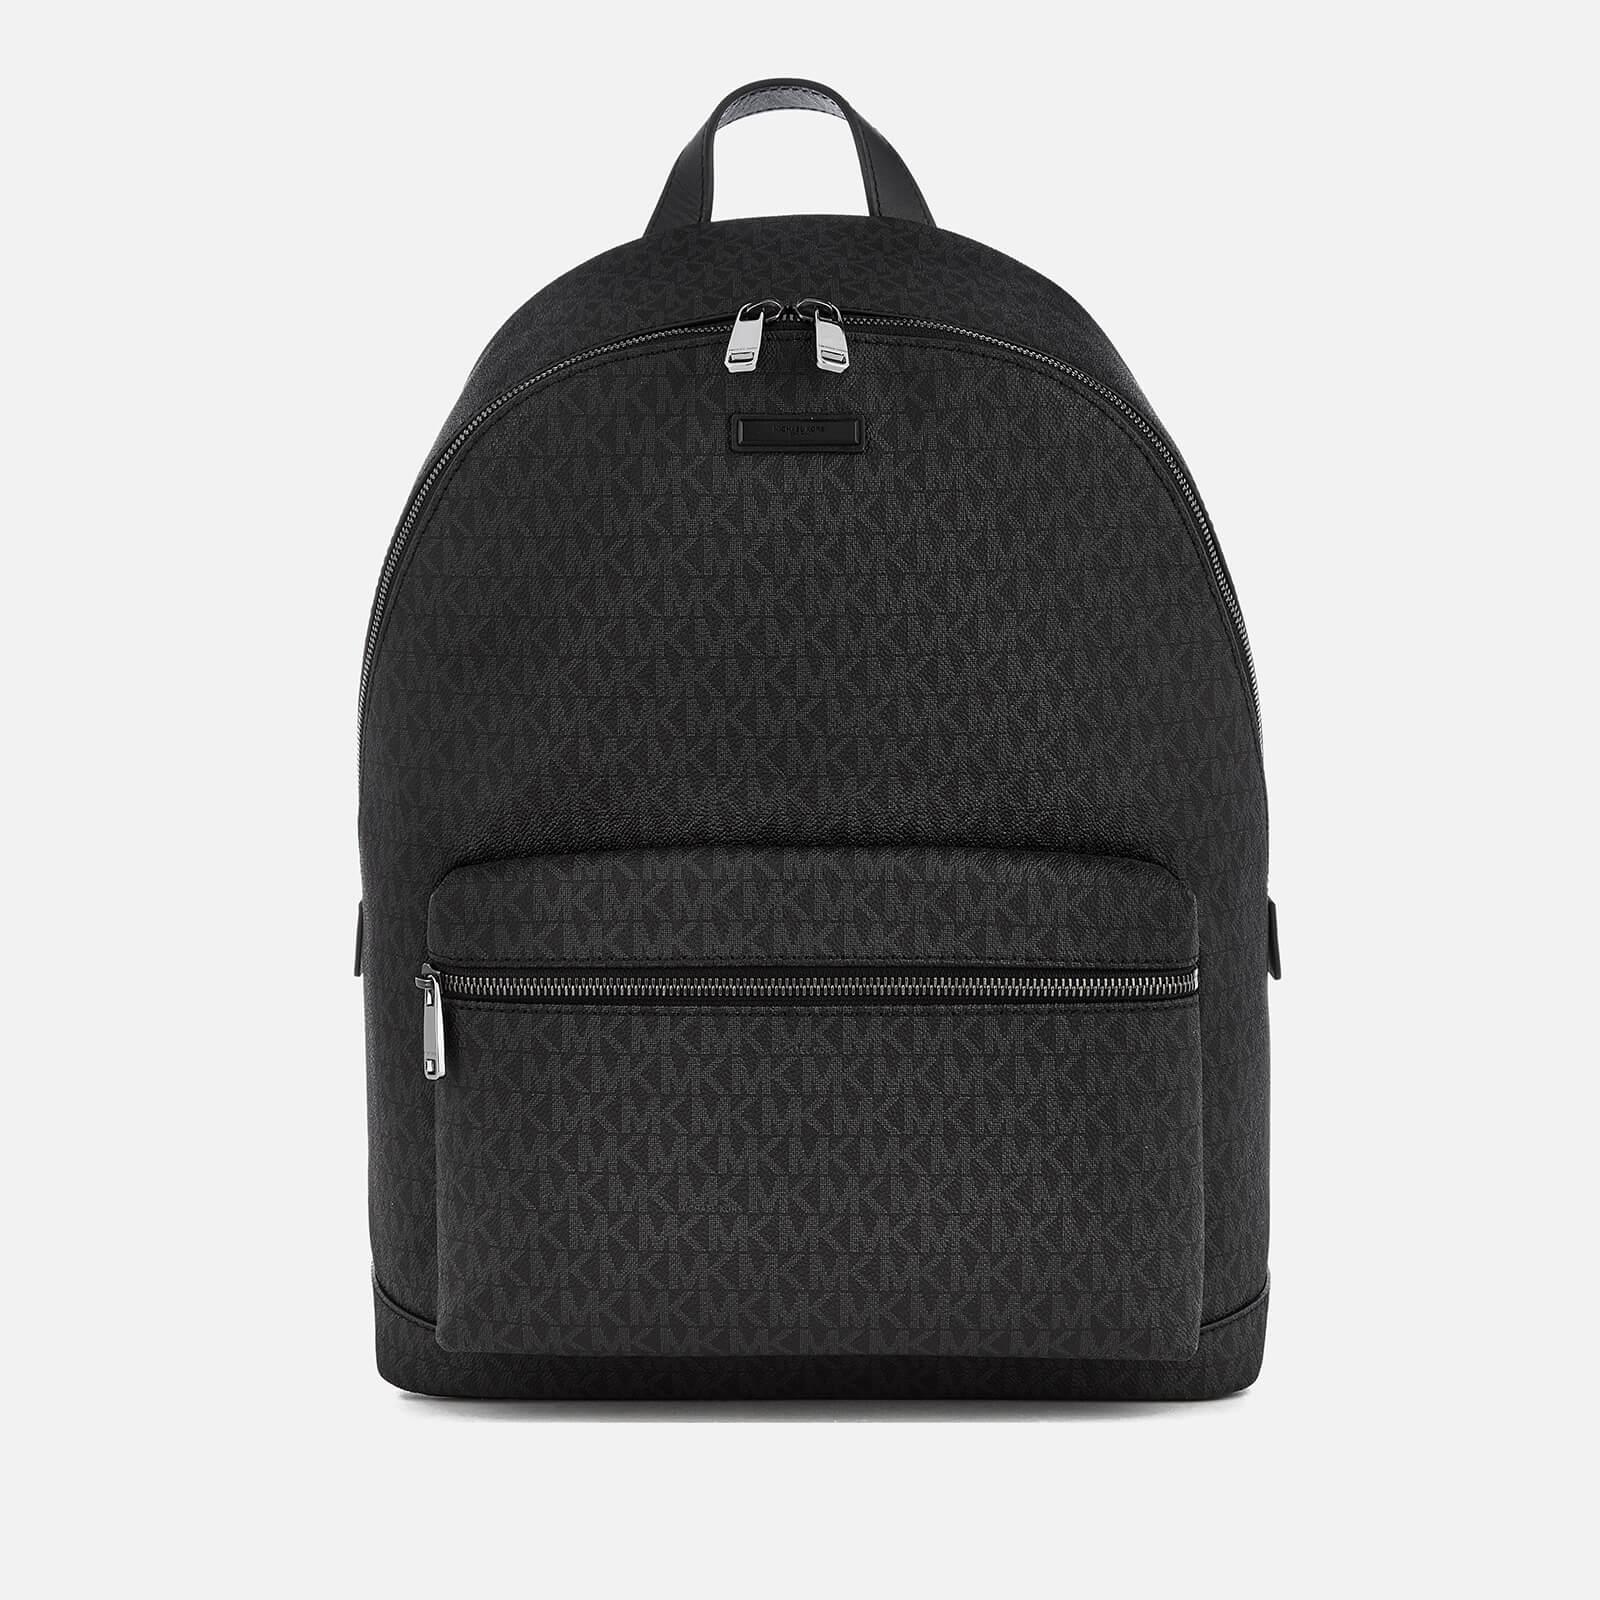 809825c344cd Michael Kors Men s Jet Set Logo Backpack - Black - Free UK Delivery ...